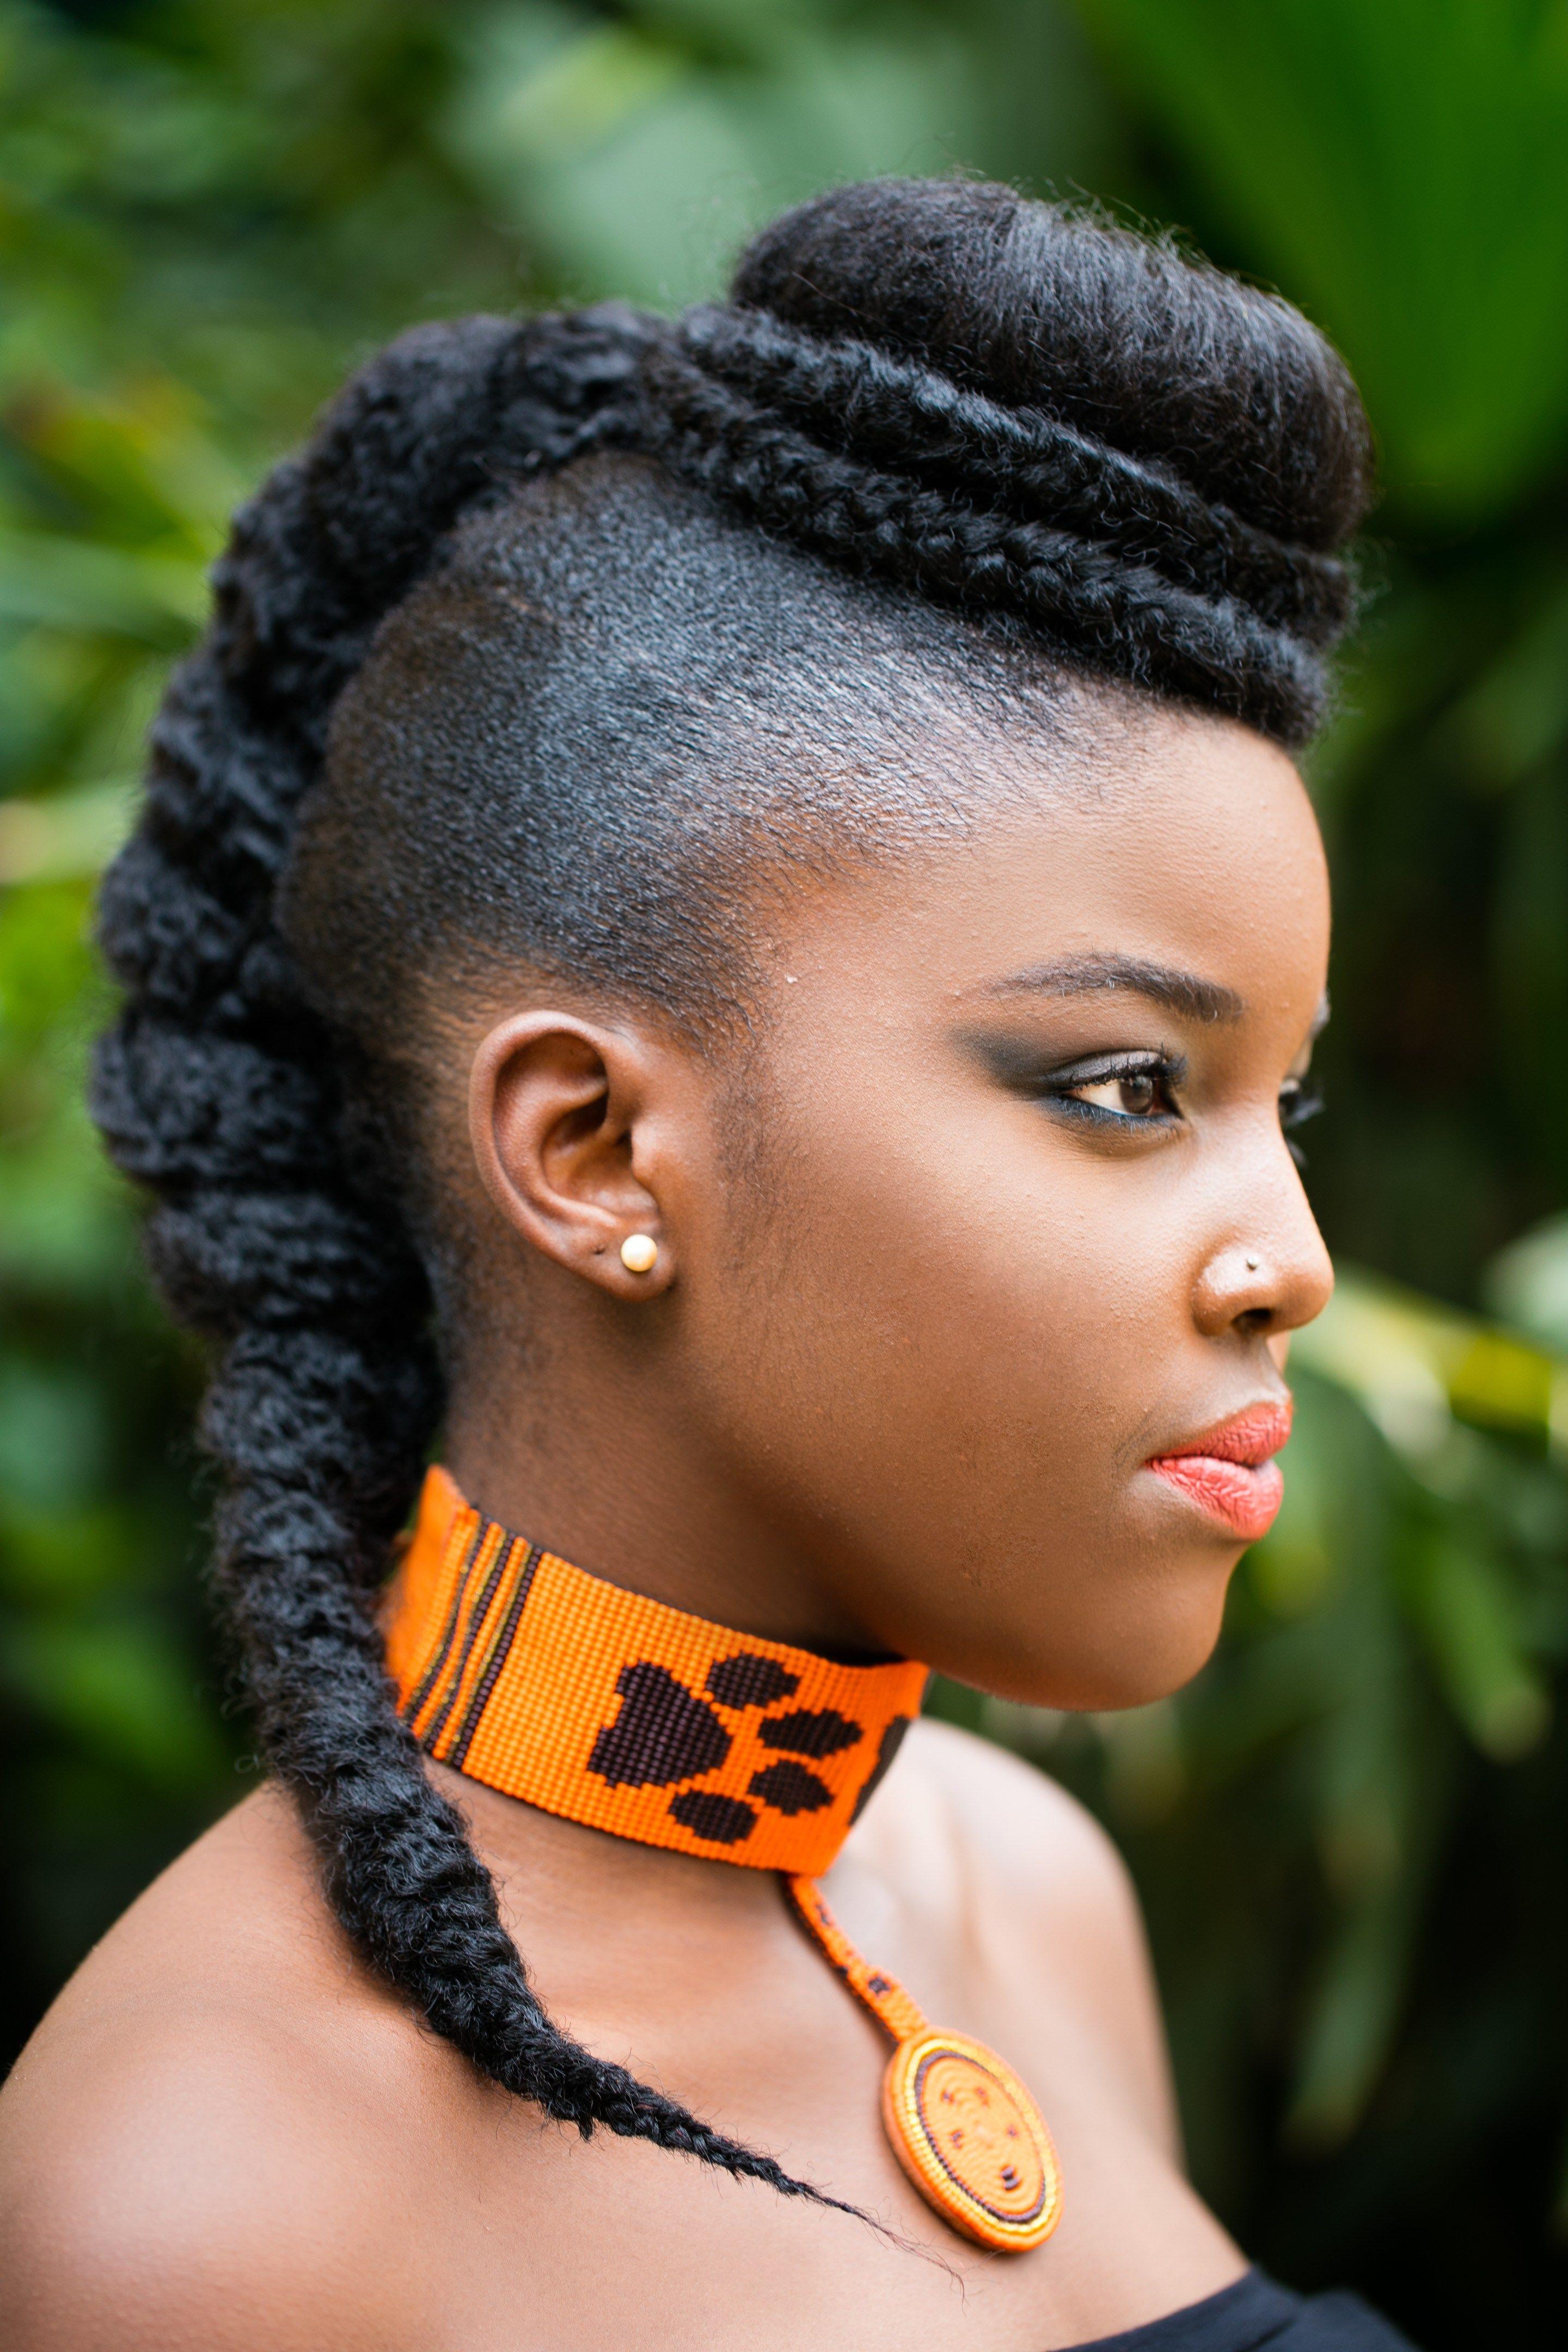 Pics Nairobi Salon Gives Natural Hair Makeovers To 30 Kenyan Women For Stunning Photo Series Natural Hair Styles African Hairstyles Hair Styles